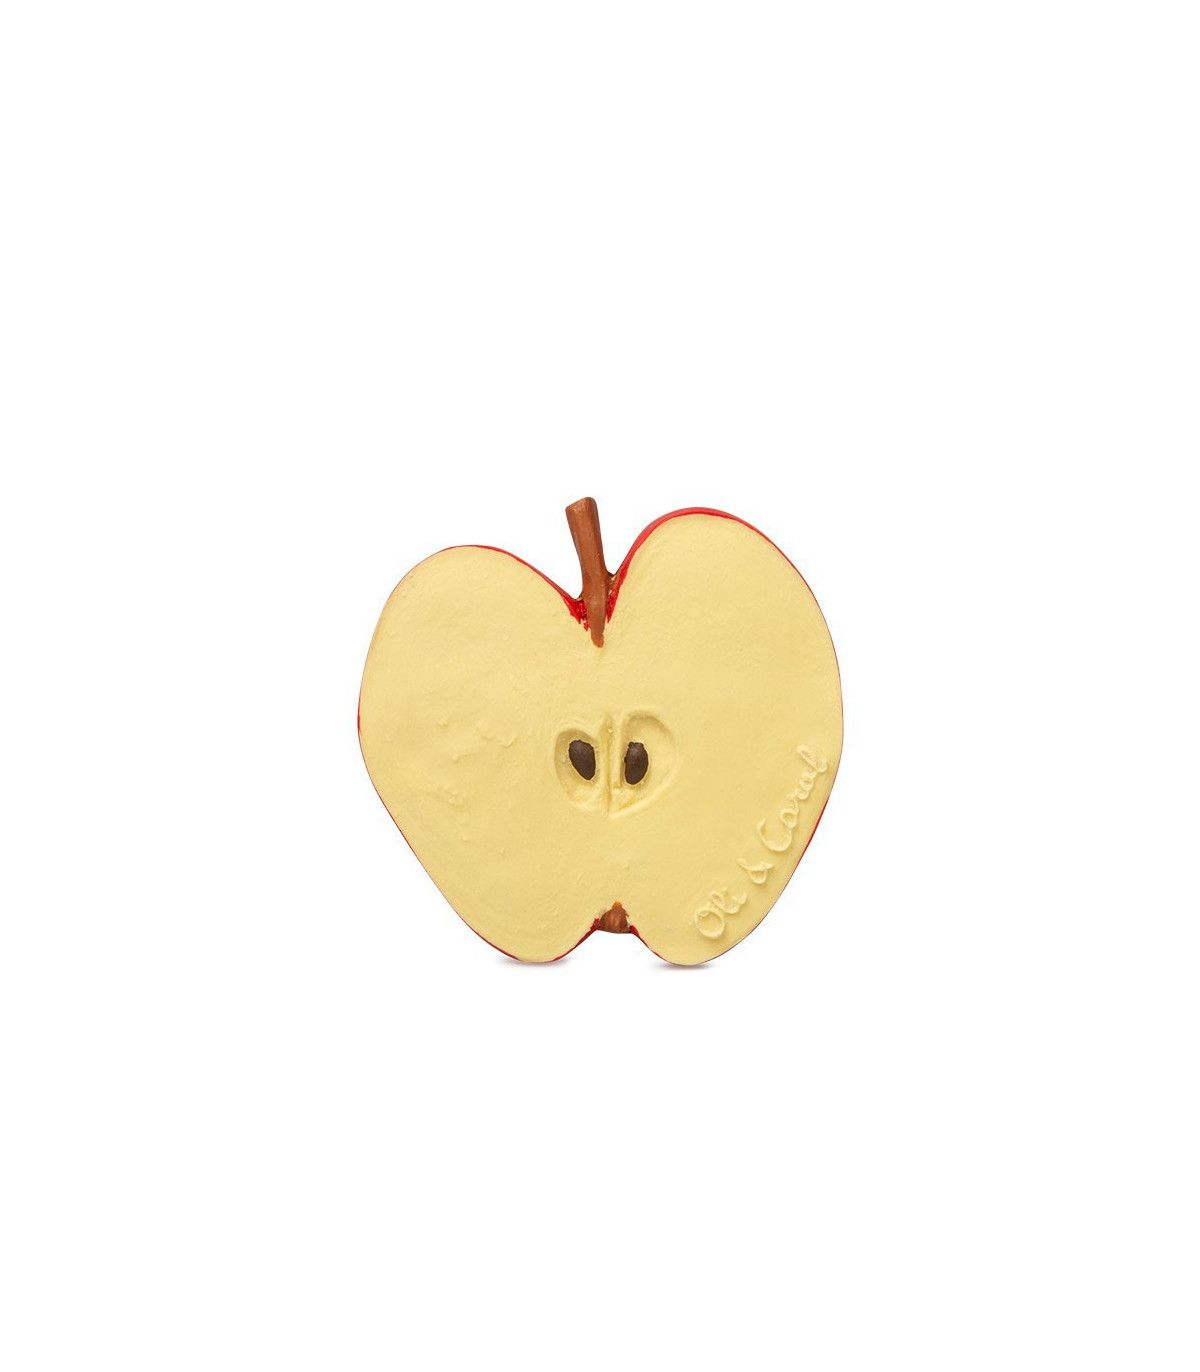 Oli & Carol Pepita the Apple Teething Toy